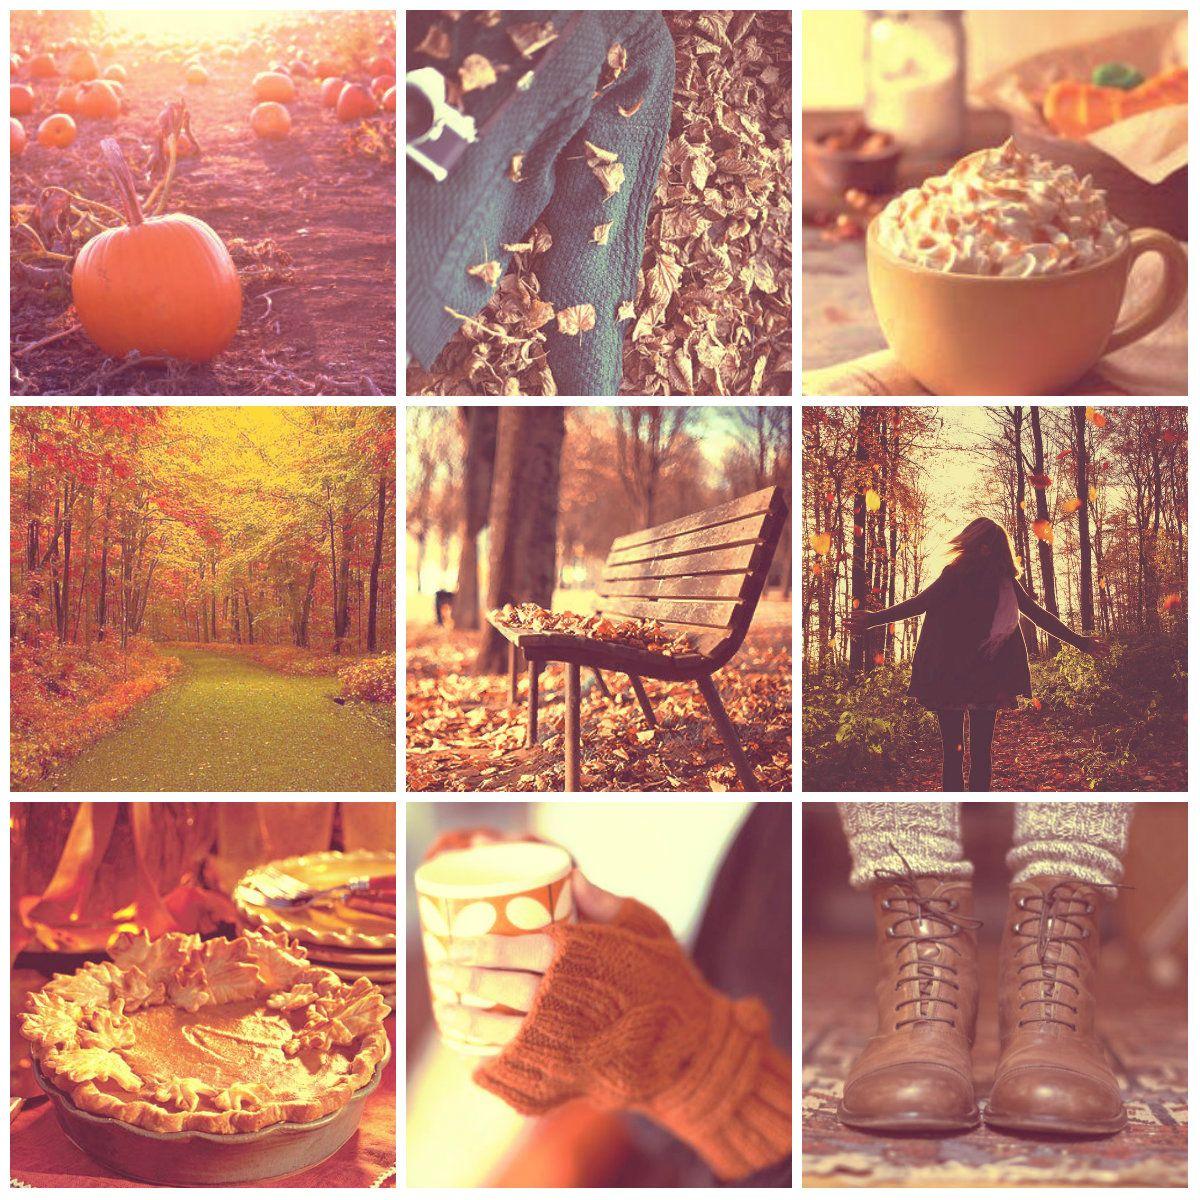 The-autumn-coloured-world - favorite season: autumn.